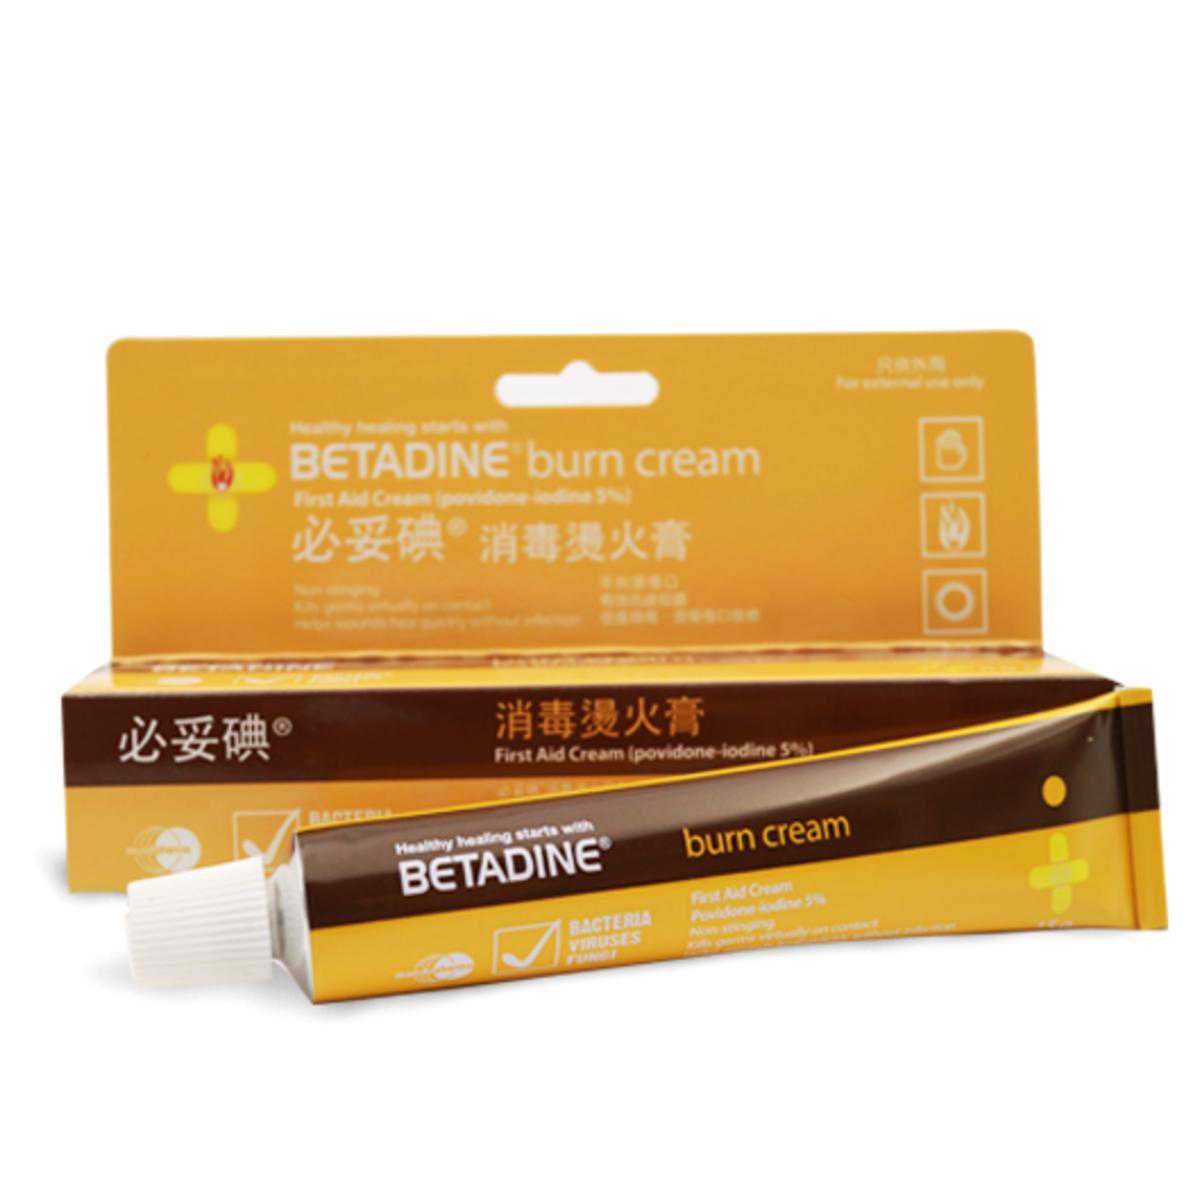 Burn Cream (First aid cream) 15g